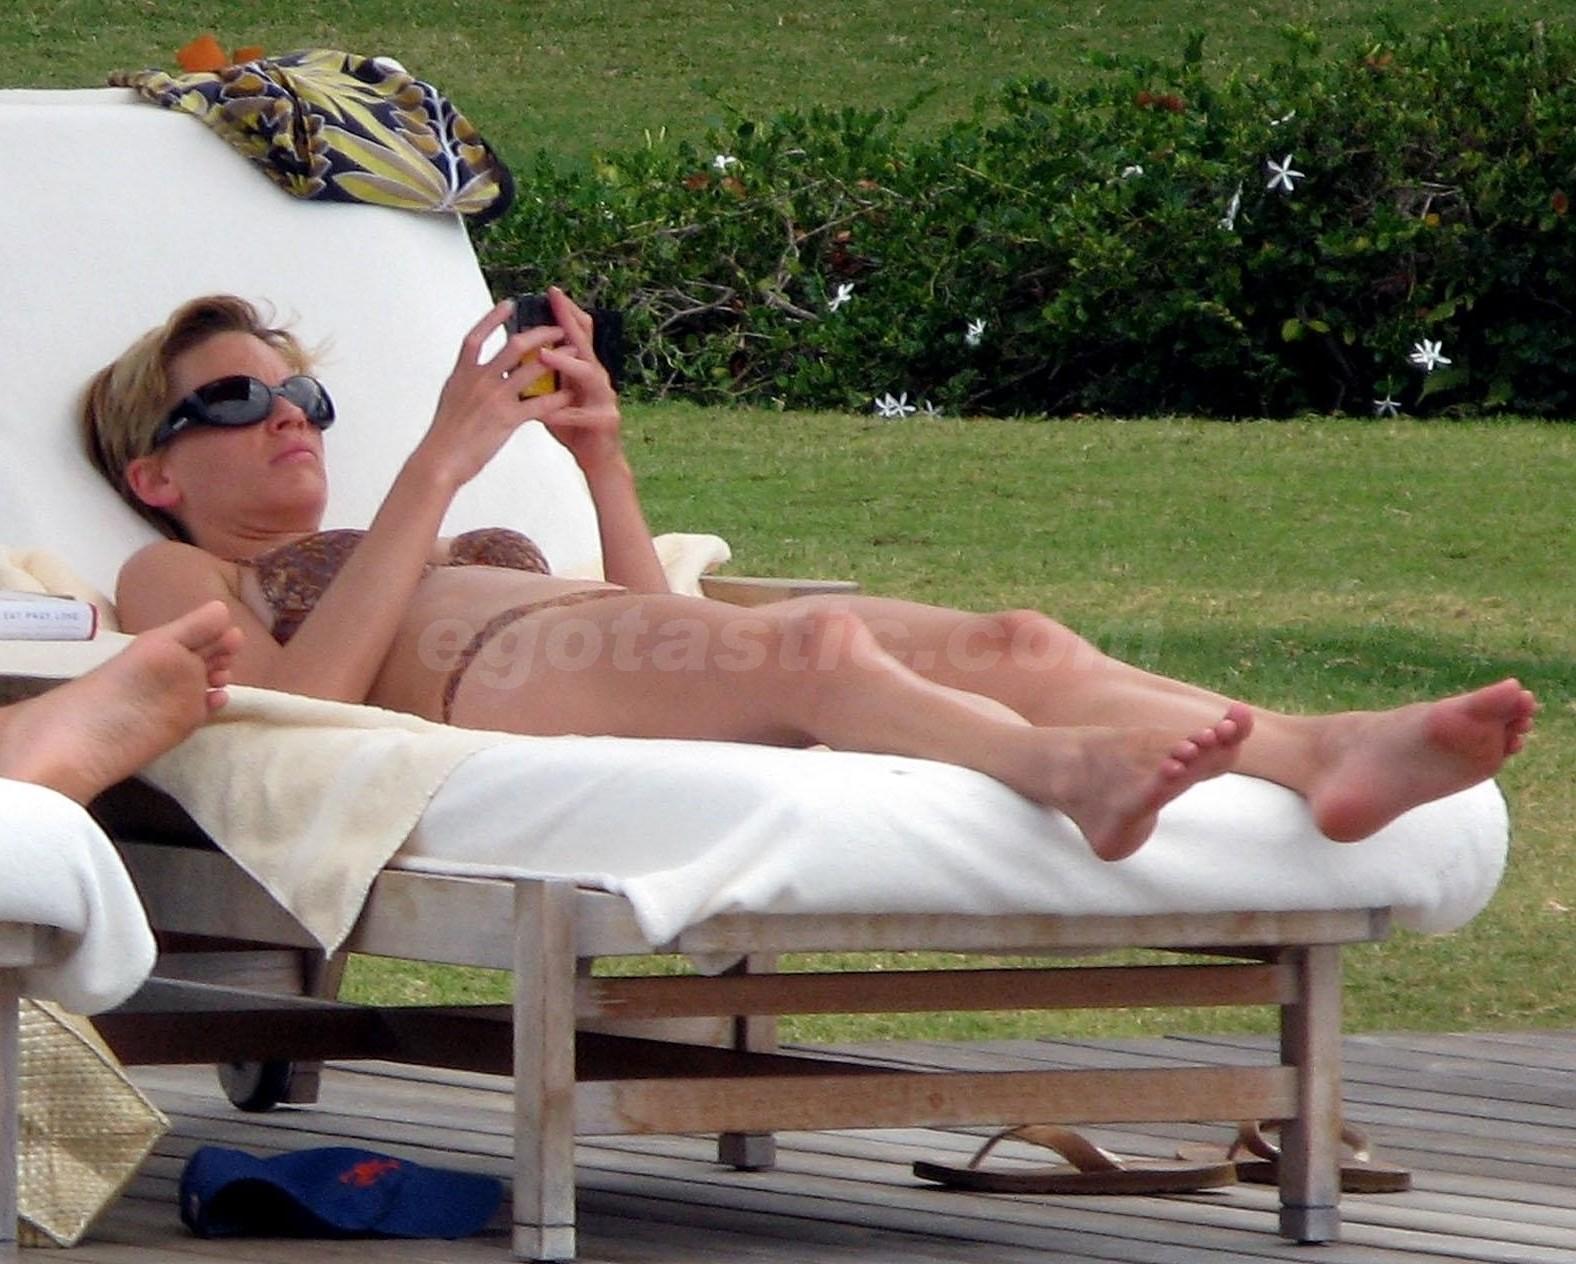 http://2.bp.blogspot.com/_3G4dg-GWVKI/TJNMsAeYBEI/AAAAAAAAH_Y/FLZ92IeDD0o/s1600/11109_hilary-swank-bikini-1-02_123_1142lo.jpg